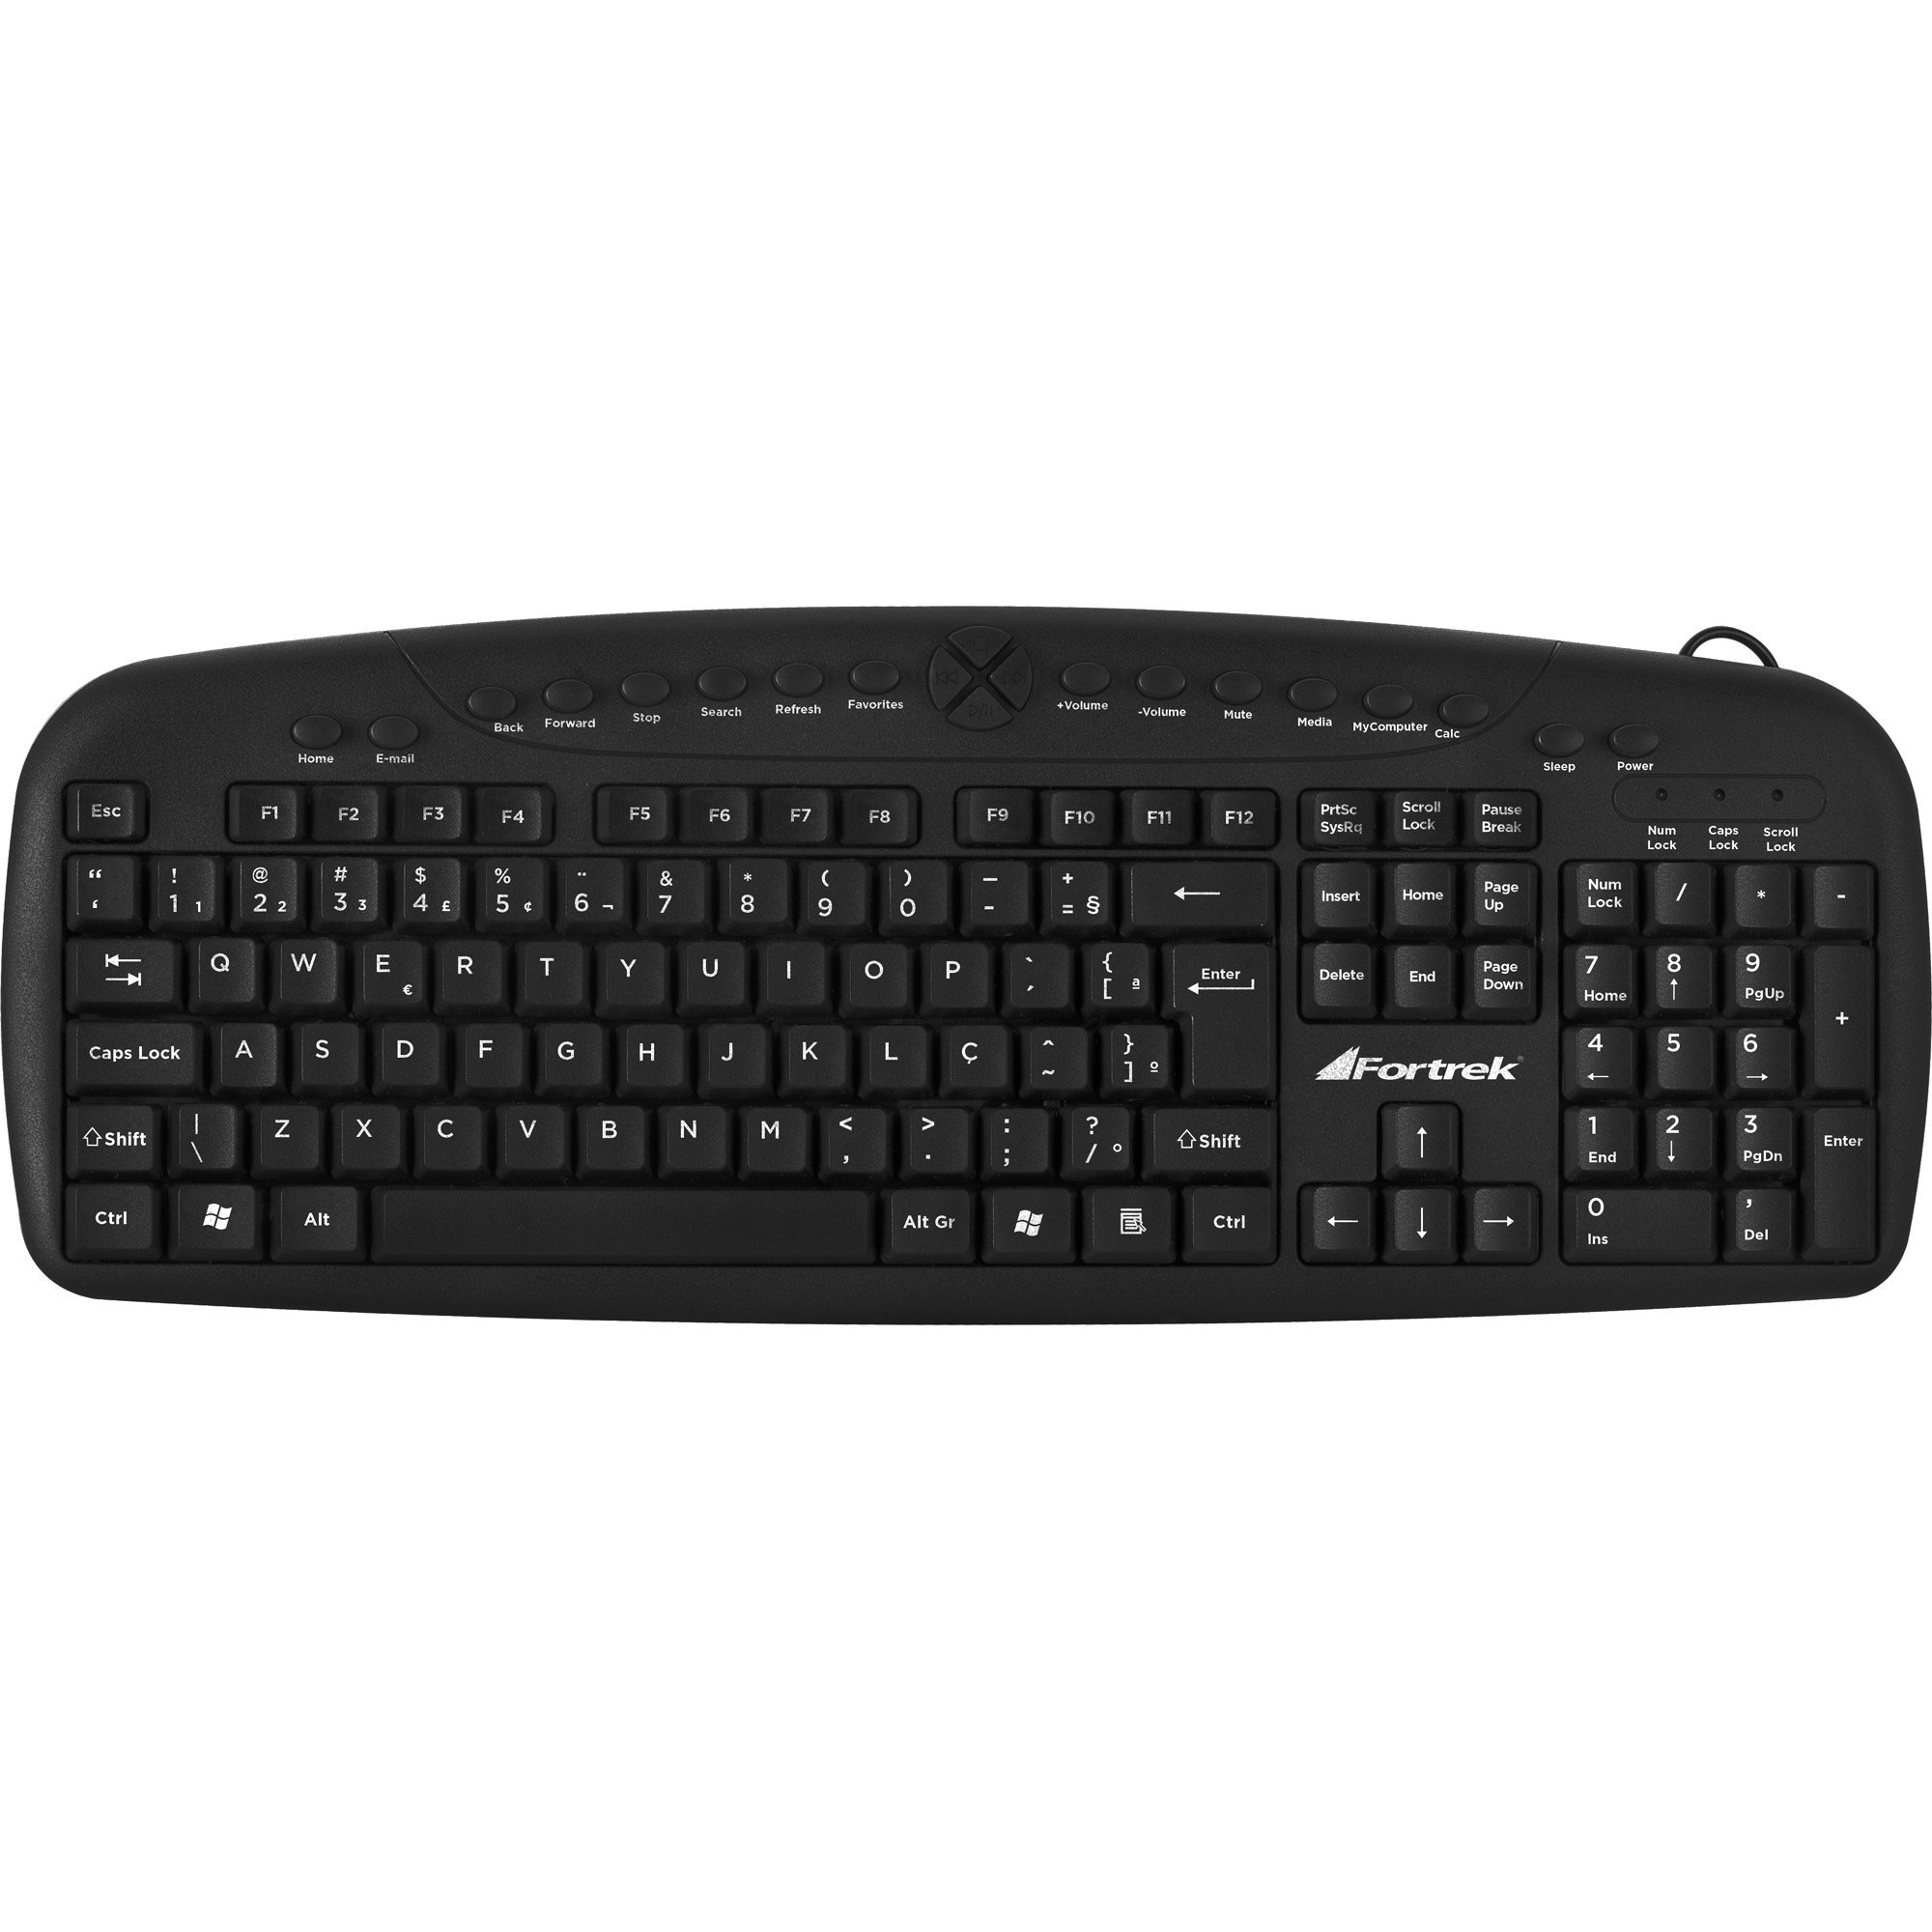 teclado usb multimidia resultados fortrek mkl 101 preto 45463 2000 193750 1